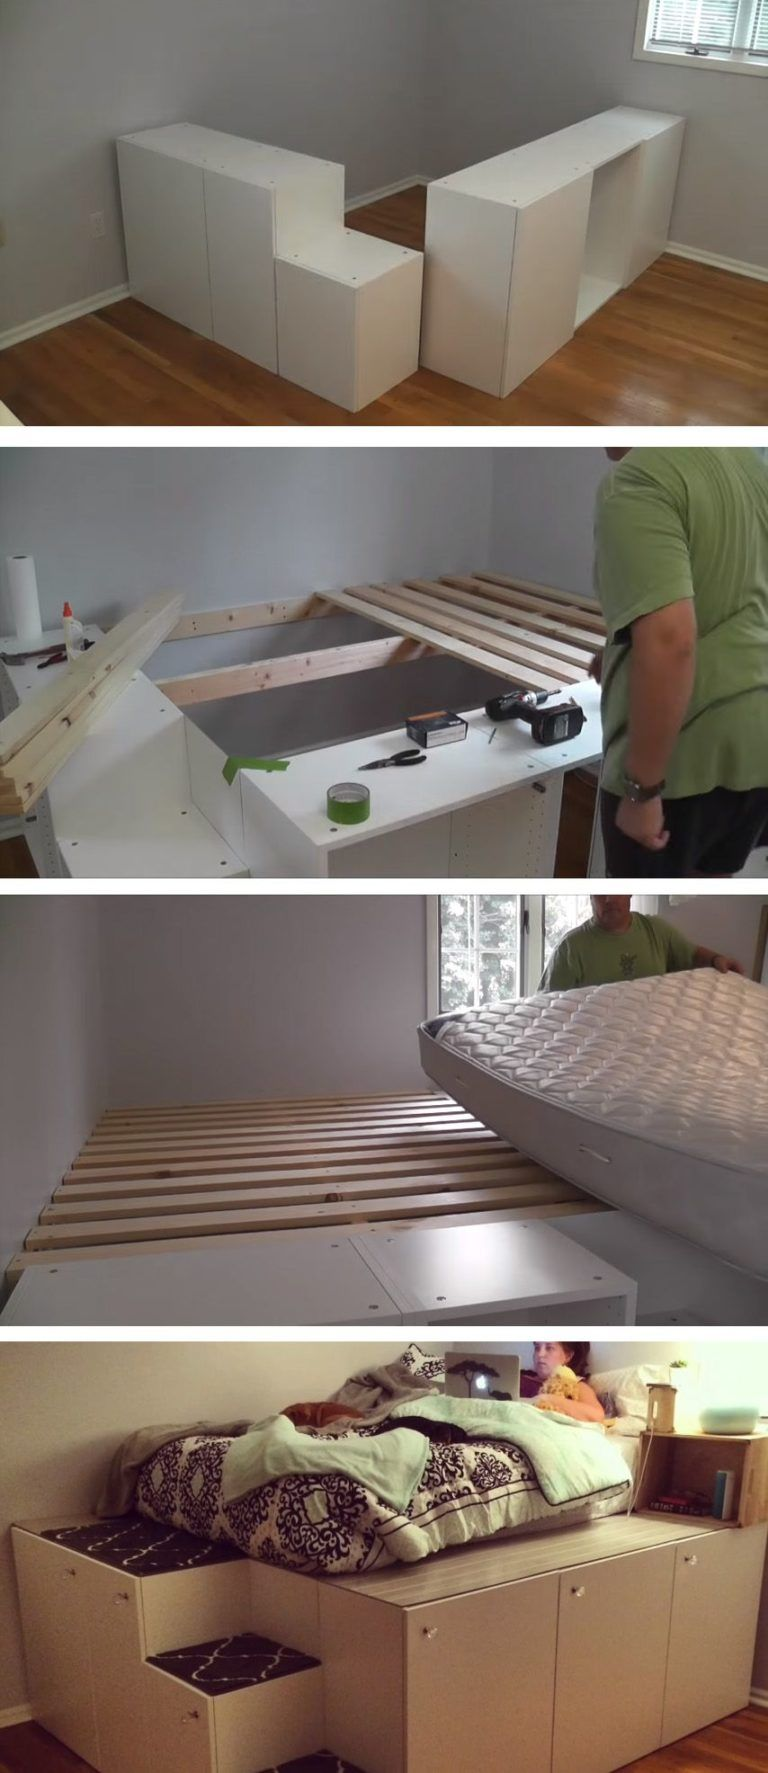 Full Size of Podestbett Selber Bauen Ikea Bedroom Diy Betten 160x200 Sofa Mit Schlaffunktion Küche Kaufen Bei Modulküche Miniküche Kosten Wohnzimmer Podestbett Ikea